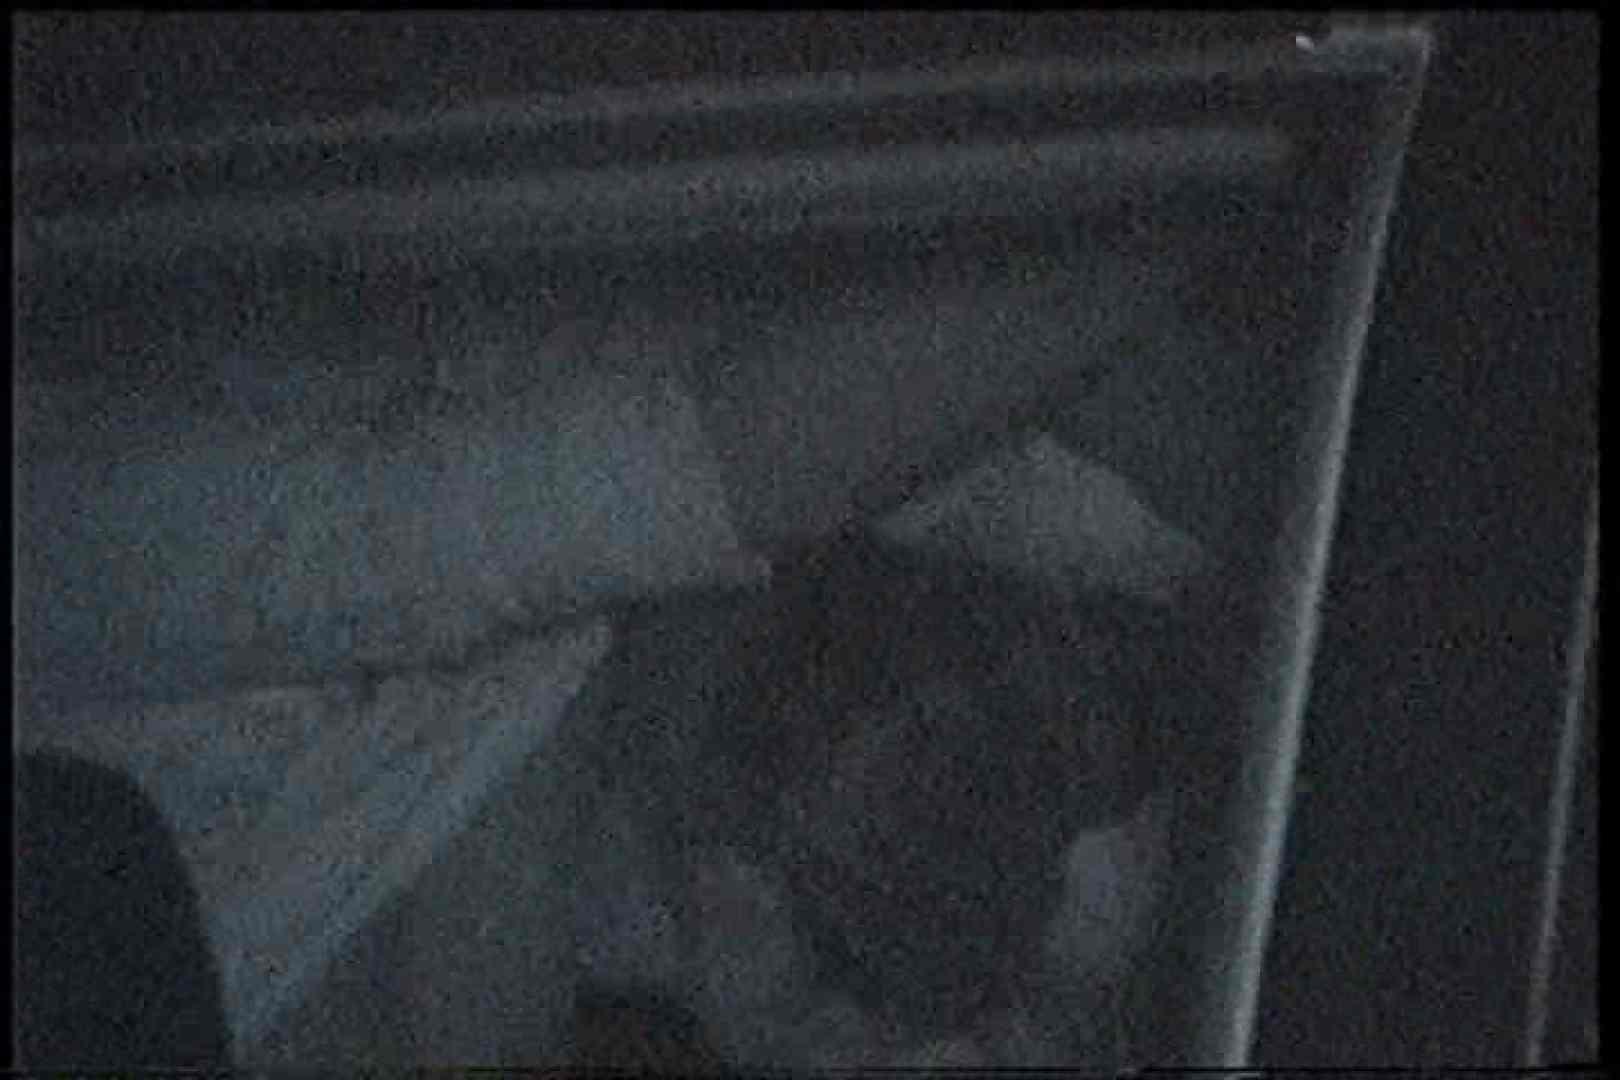 充血監督の深夜の運動会Vol.198 チクビ   OLエロ画像  76PICs 7